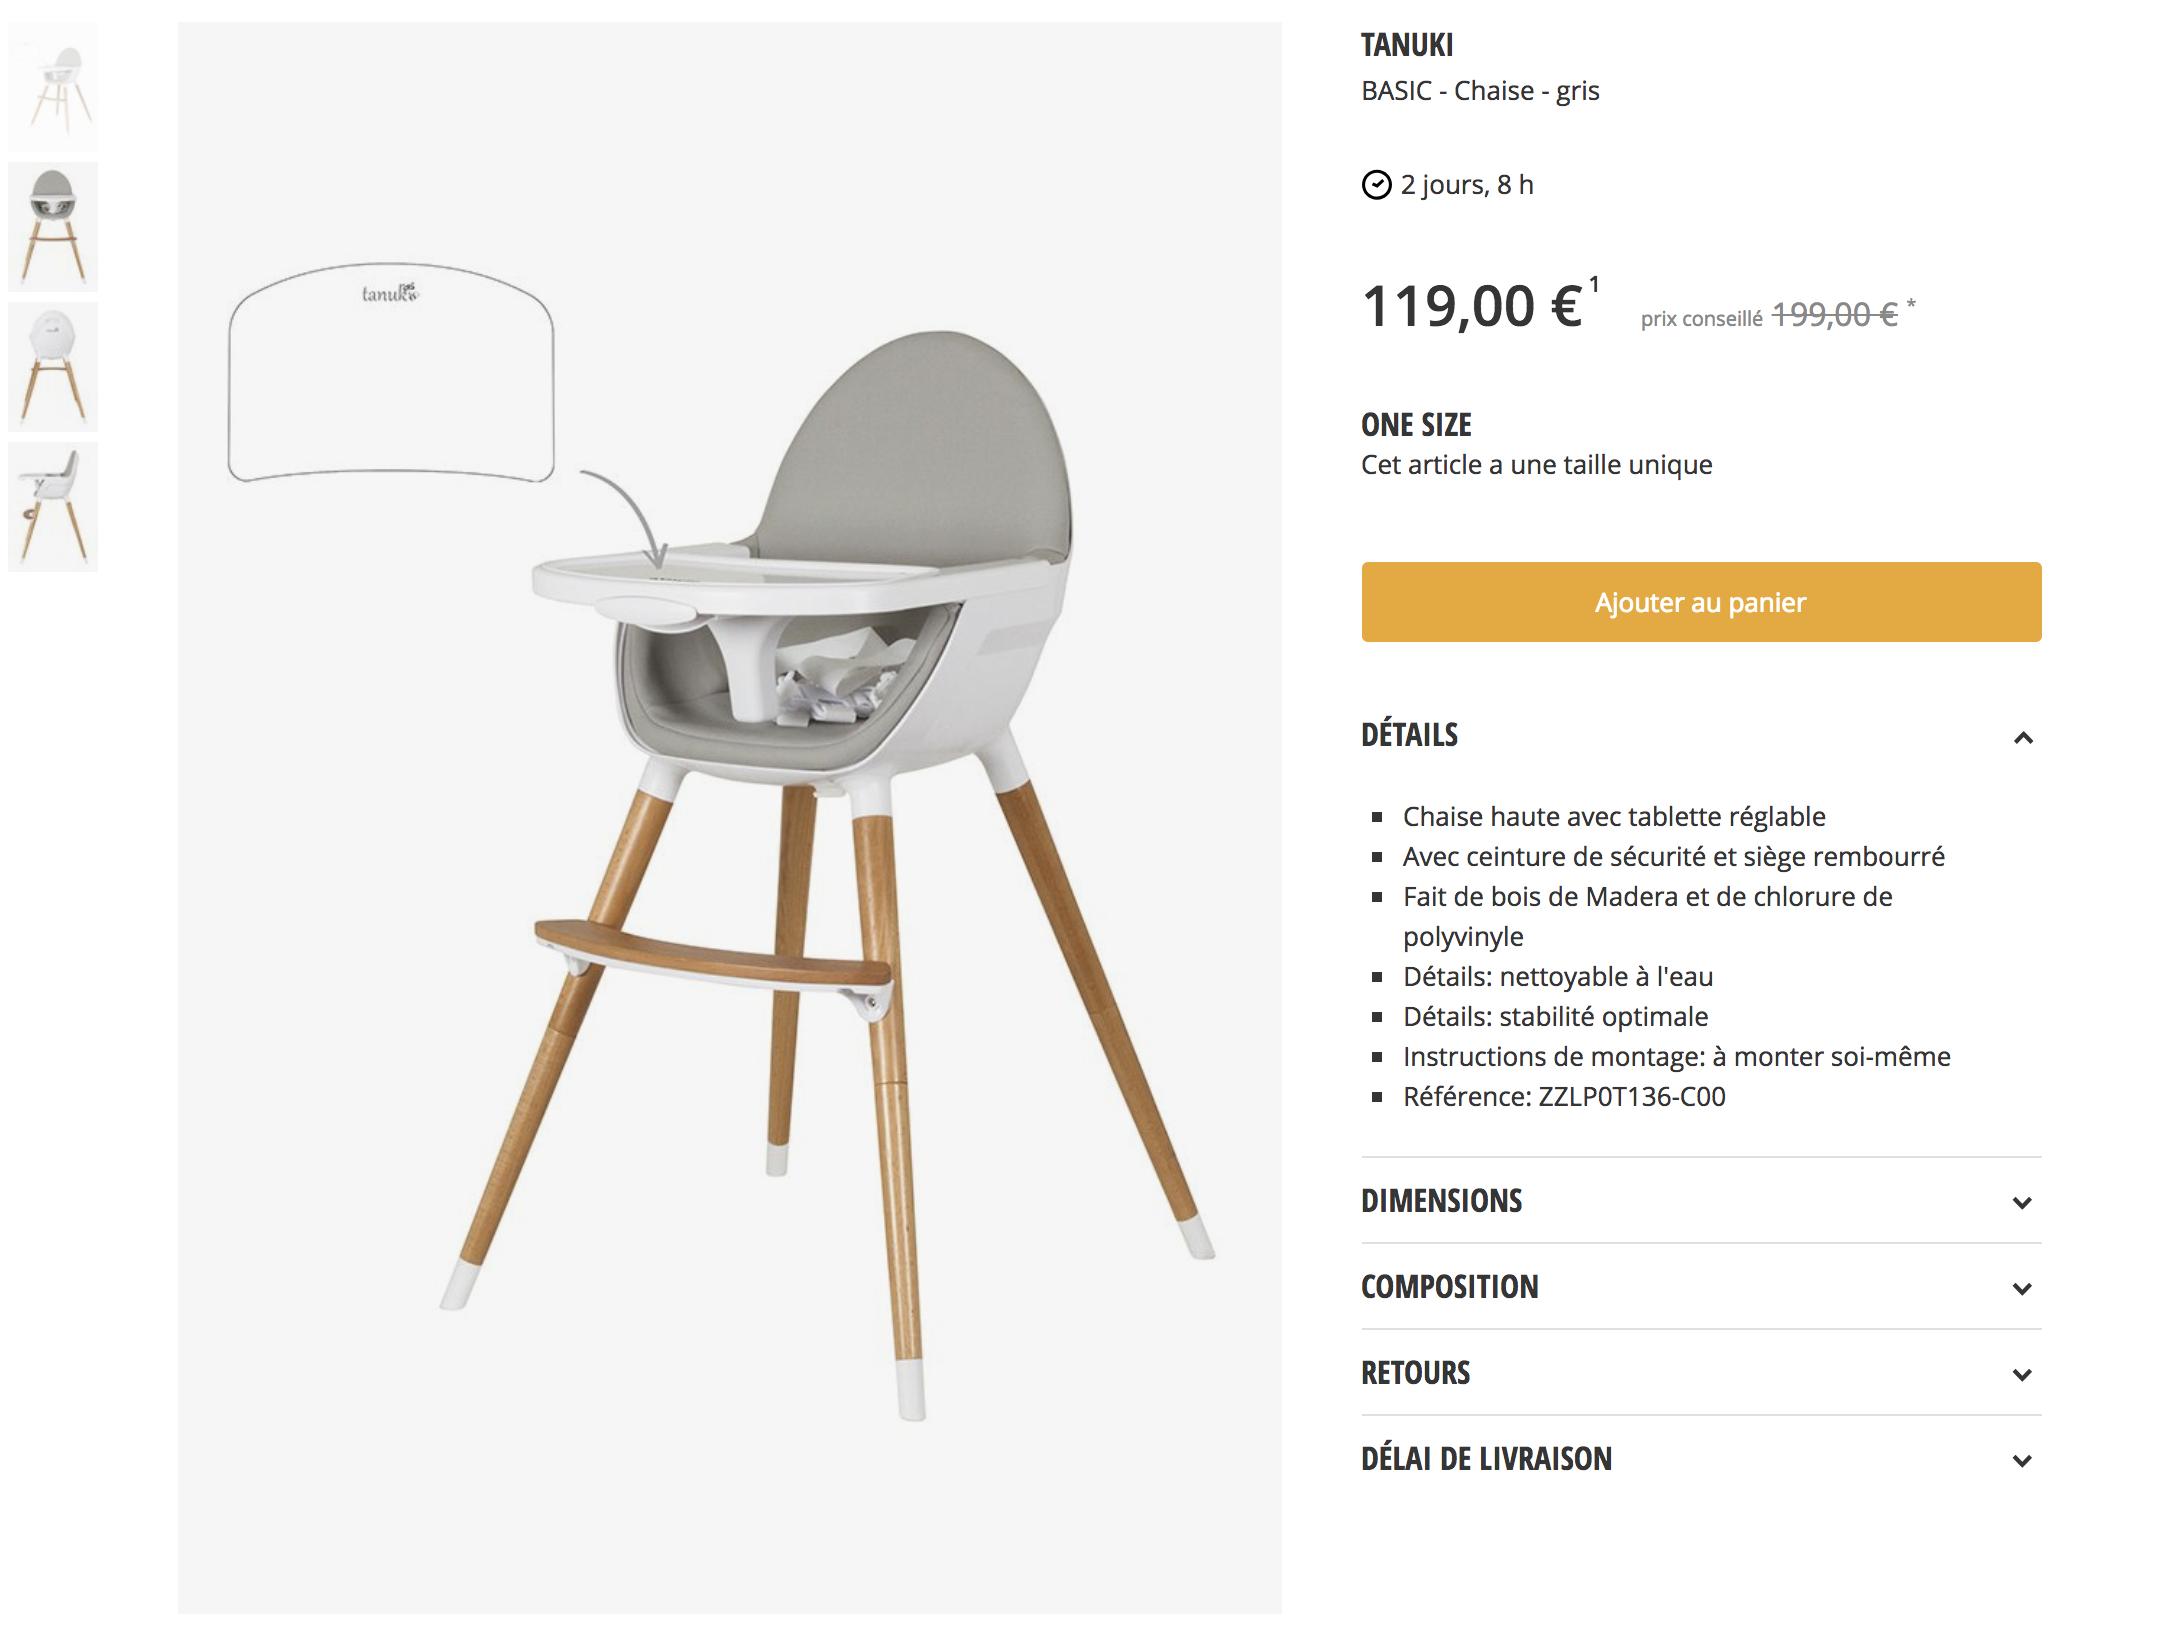 chaise-haute-zalando